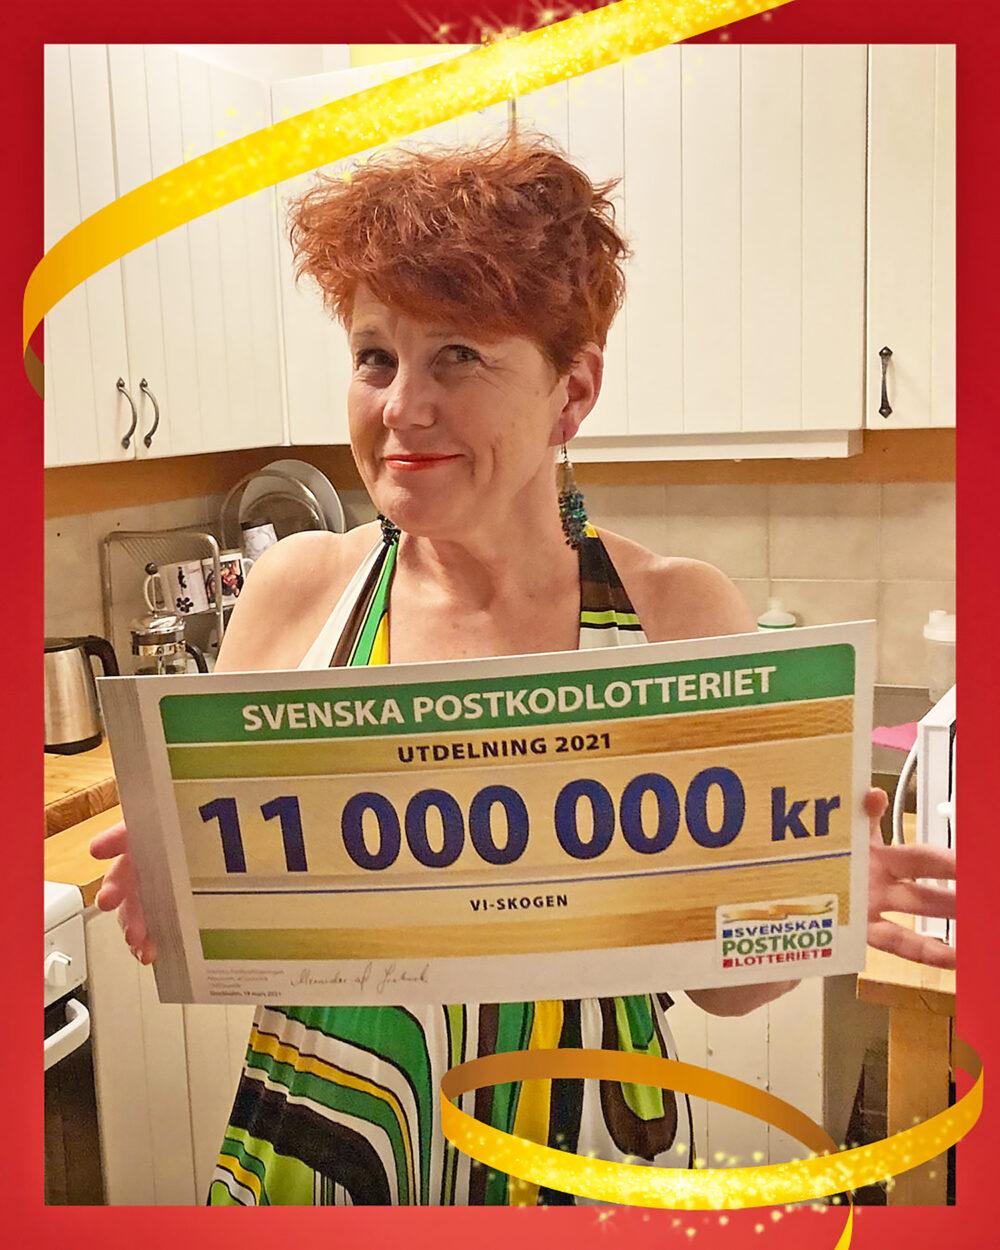 Vi-skogens generalsekreterare Anna Tibblin med årets check från Postkodlotteriet.